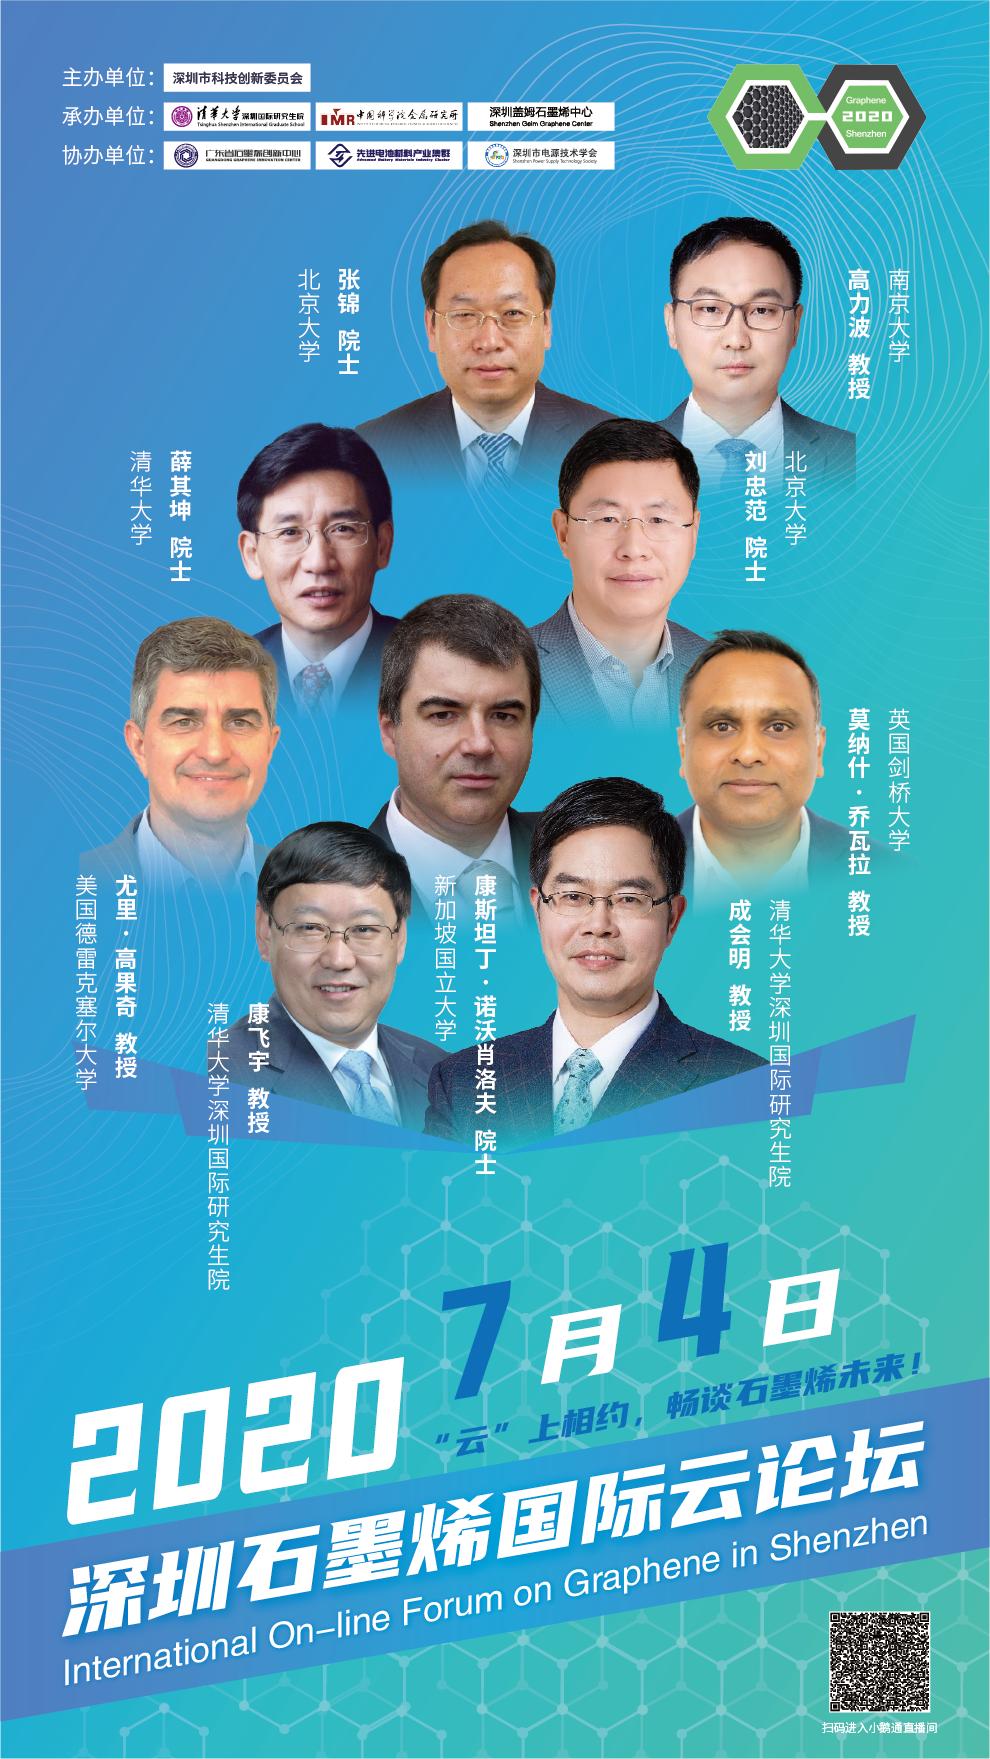 2020深圳石墨烯国际云论坛嘉宾-刘忠范院士近期工作精选汇总